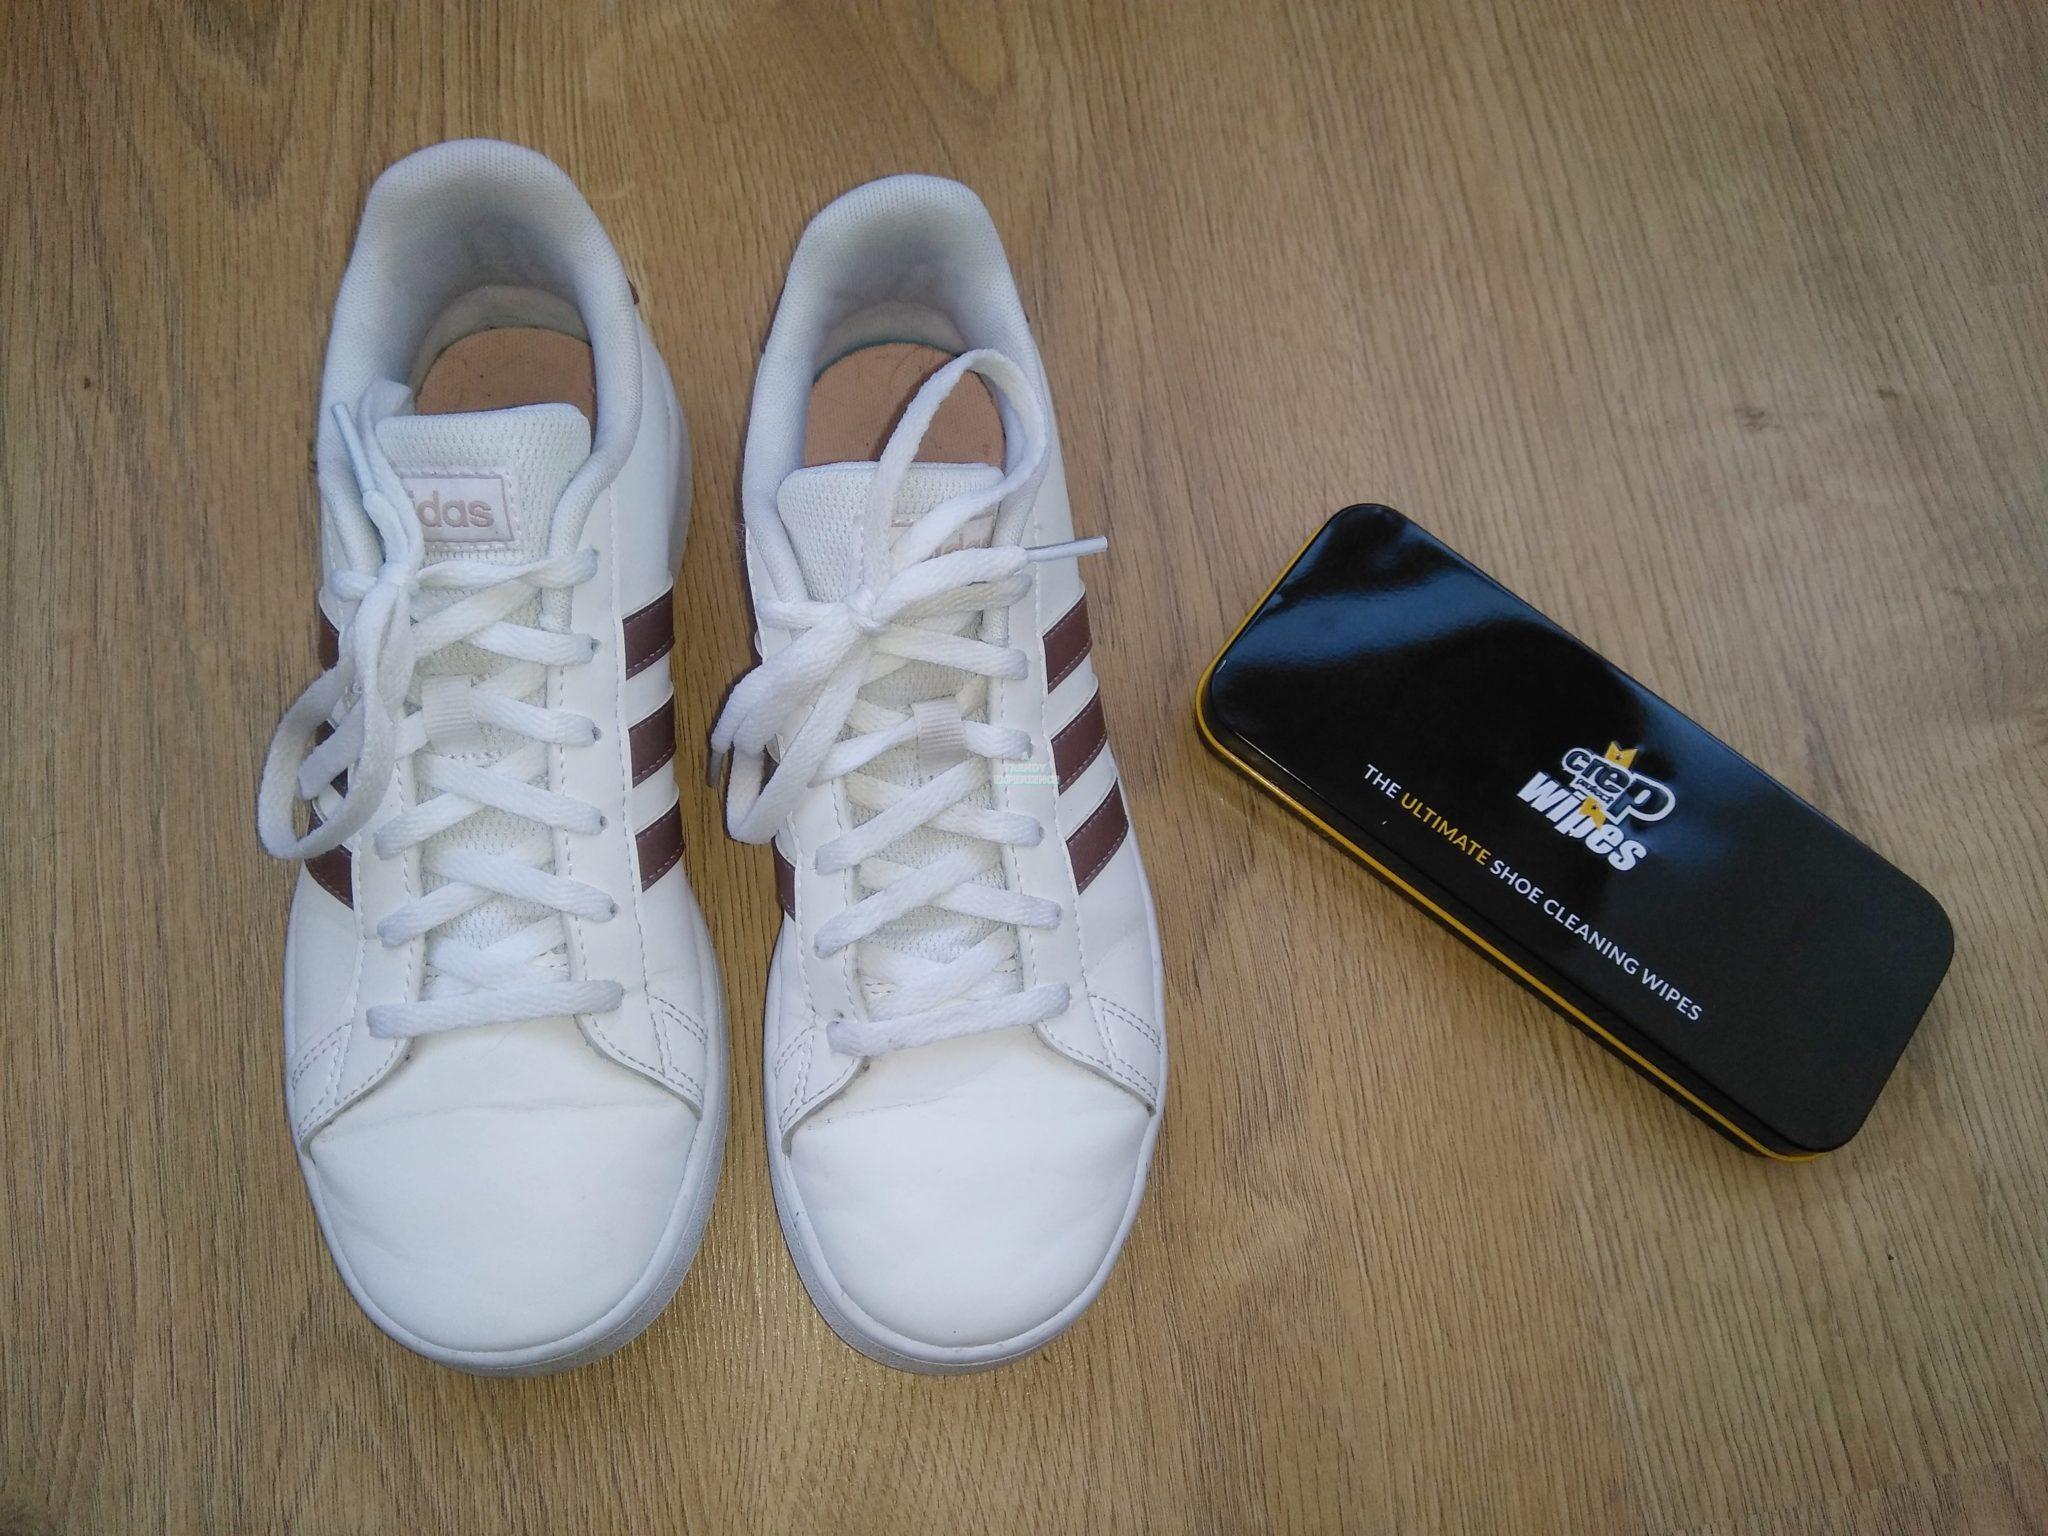 pulizia delle scarpe bianche con salviette detergenti crep protect